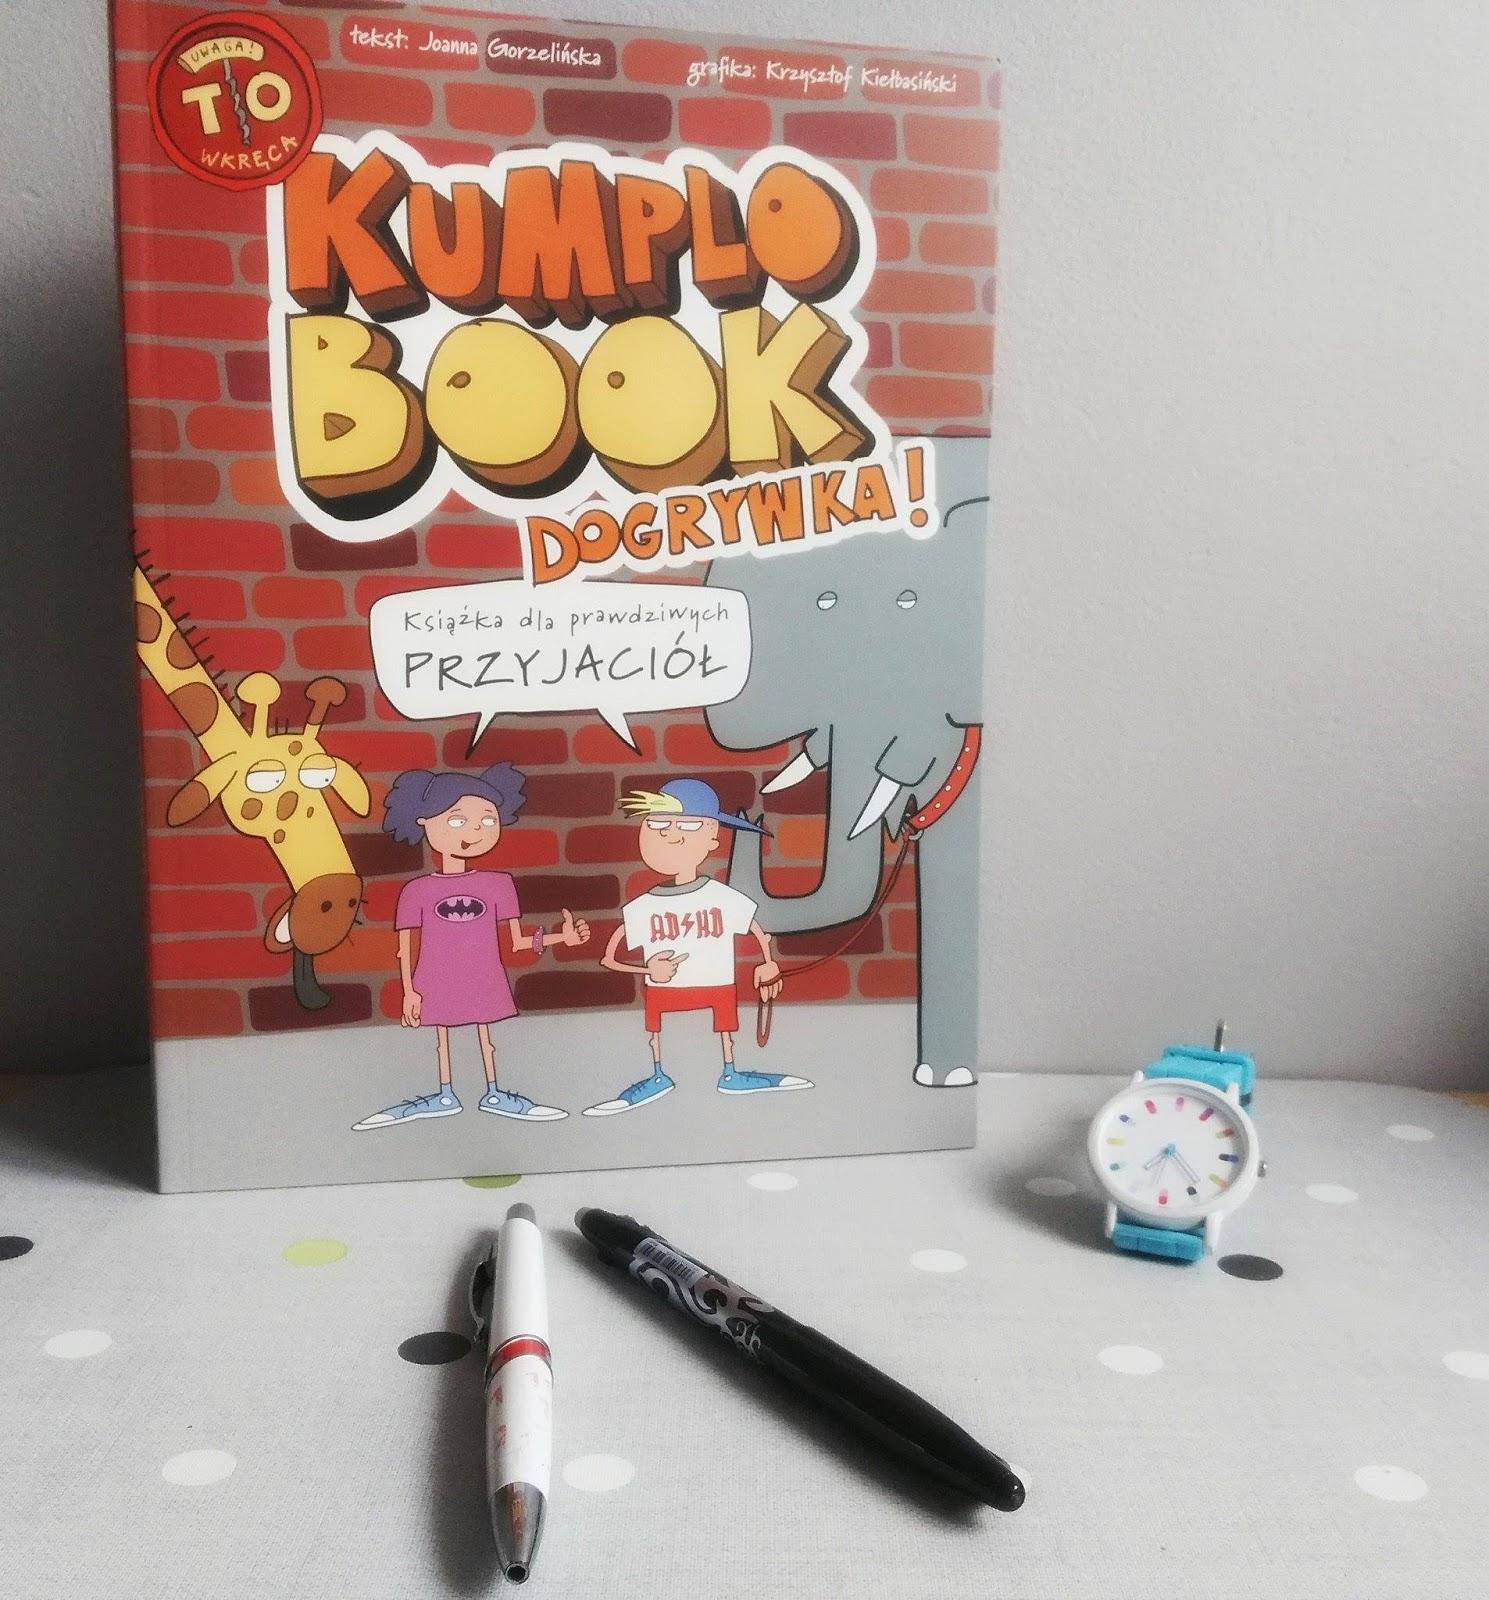 KumploBook - Dogrywka - książka dla prawdziwych przyjaciół  - recenzja